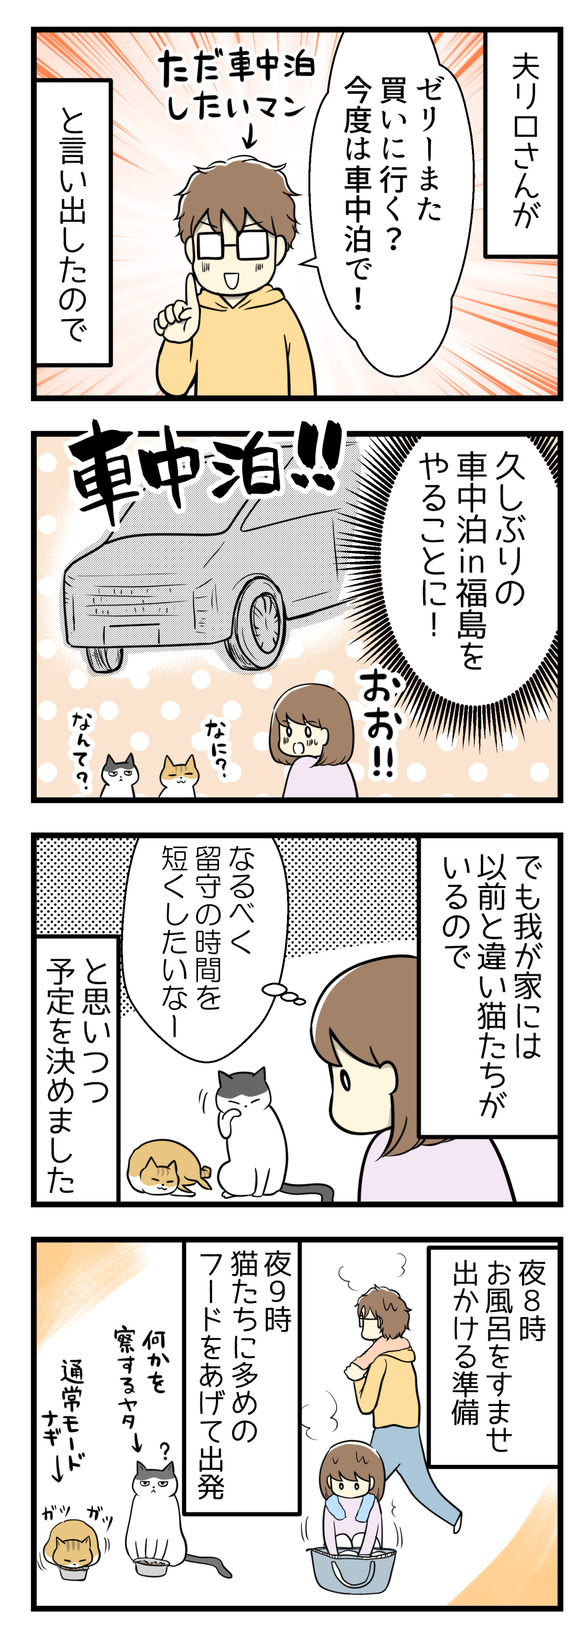 夫リロさんが「またゼリー買いに行く?今度は車中泊で!」と言い出したので久しぶりの車中泊in福島をやることに!でも我が家には以前と違い猫たちがいるので「なるべく留守の時間を短くしたいなー」と思いながら予定を立てました。夜8時にお風呂に入り出かける準備、夜9時に大目に猫フードをあげて出発。